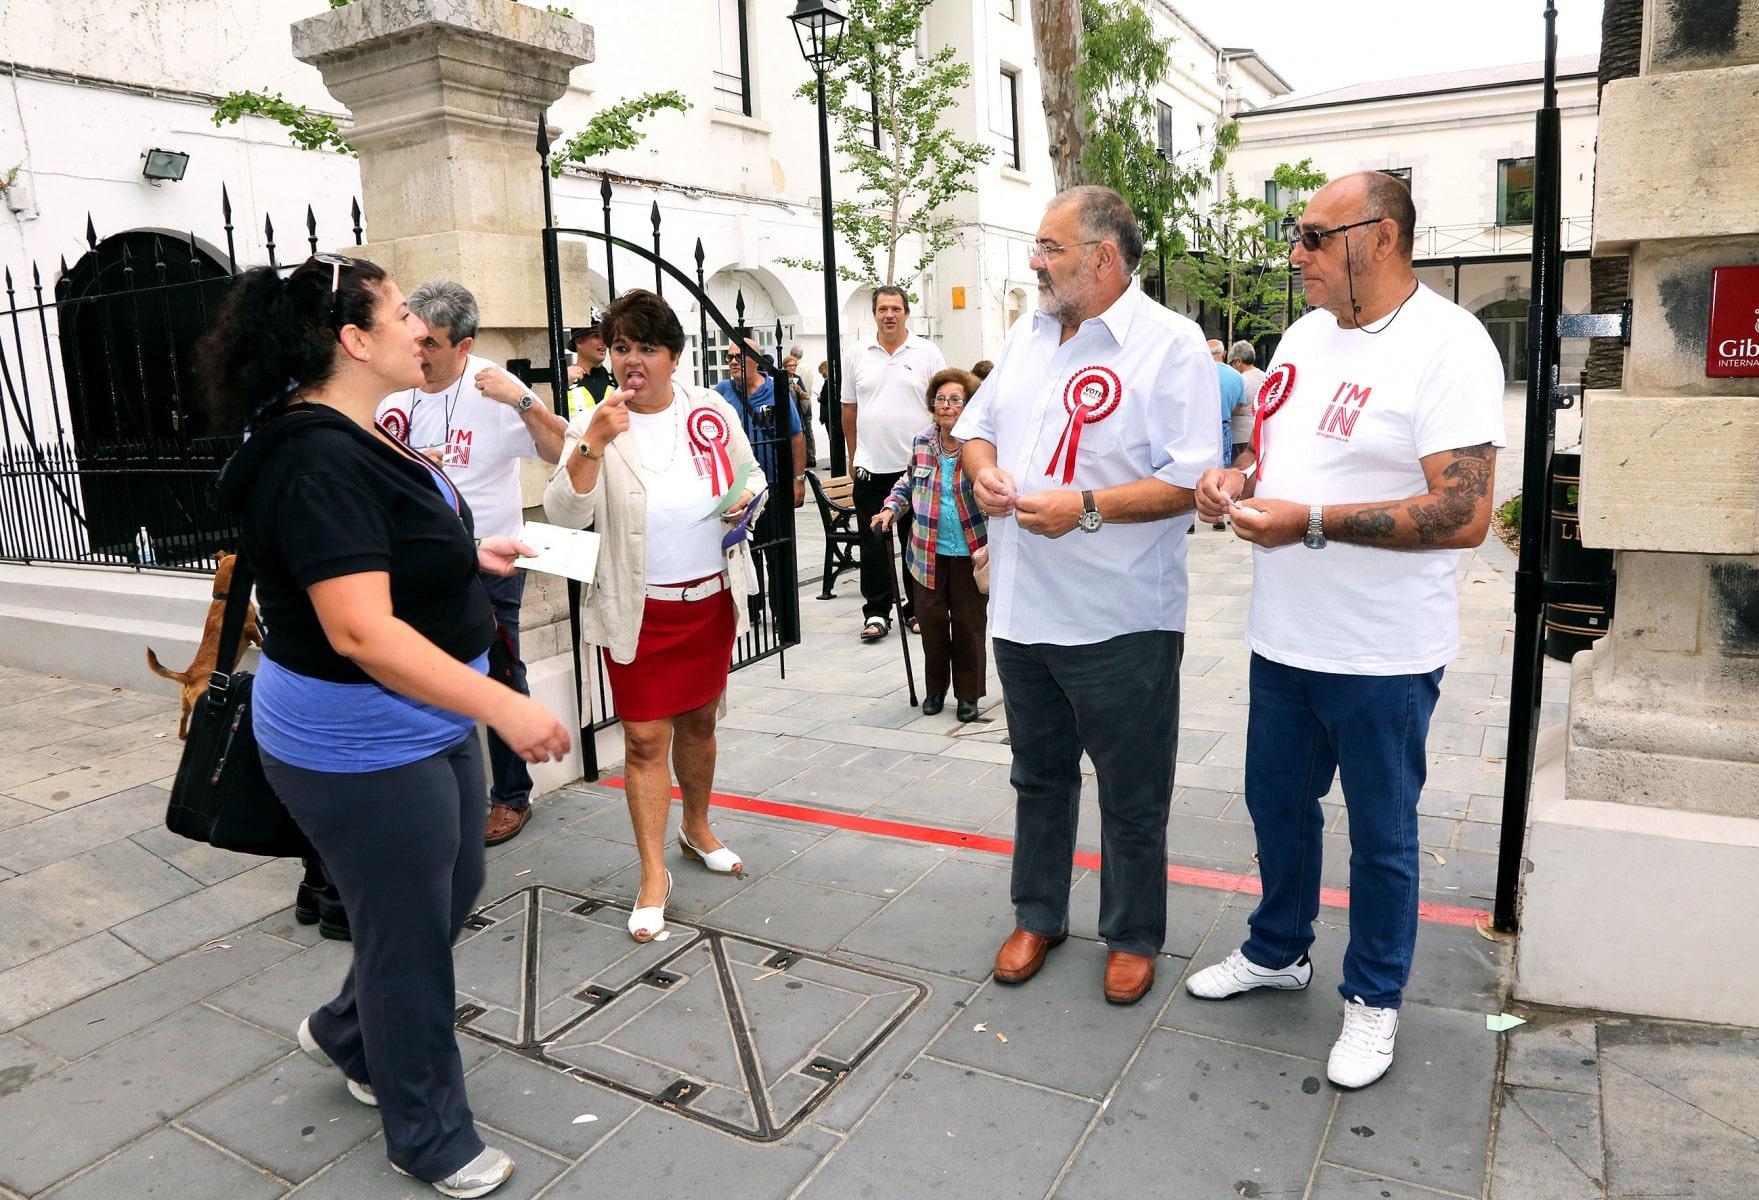 23-jun-2016-votacin-en-gibraltar-referndum-sobre-la-permanencia-del-ru-en-la-ue-5_27241870244_o